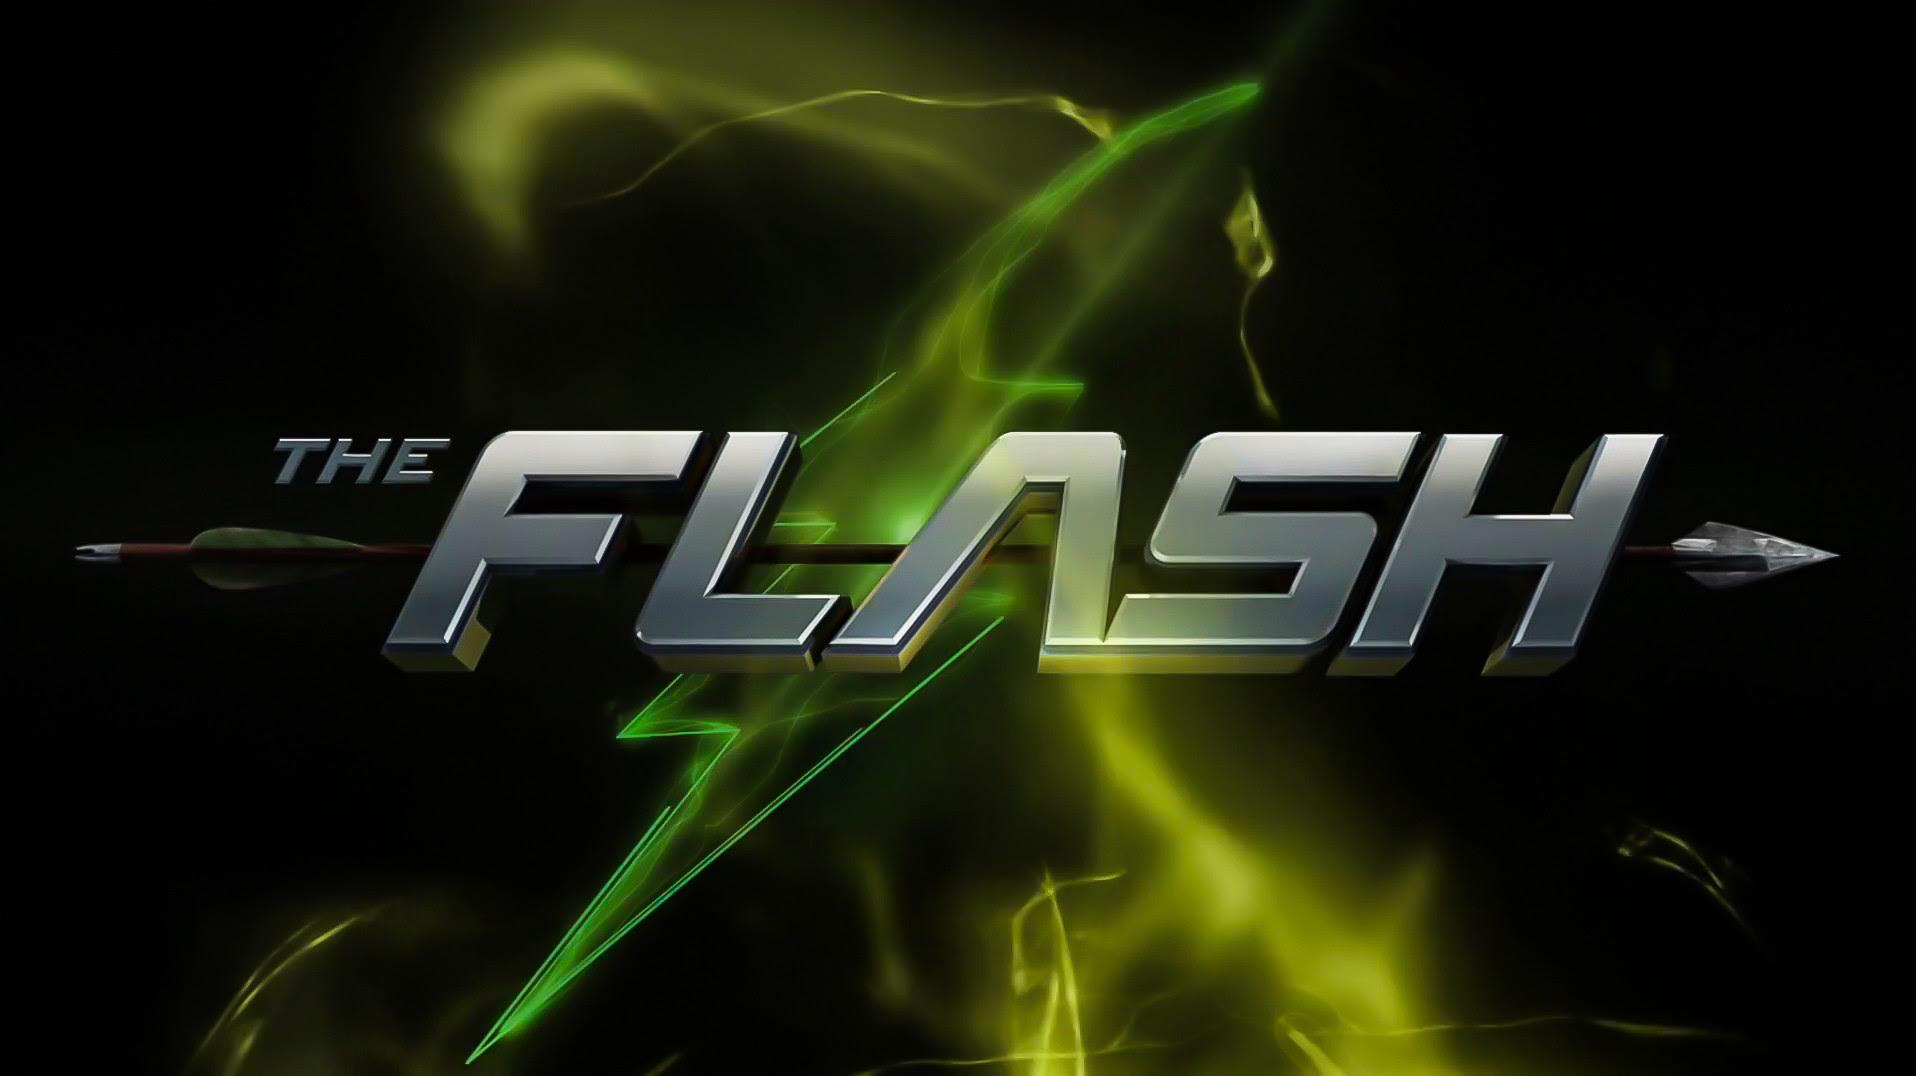 Wallpaper Flash Vs Arrow Title Flashtv